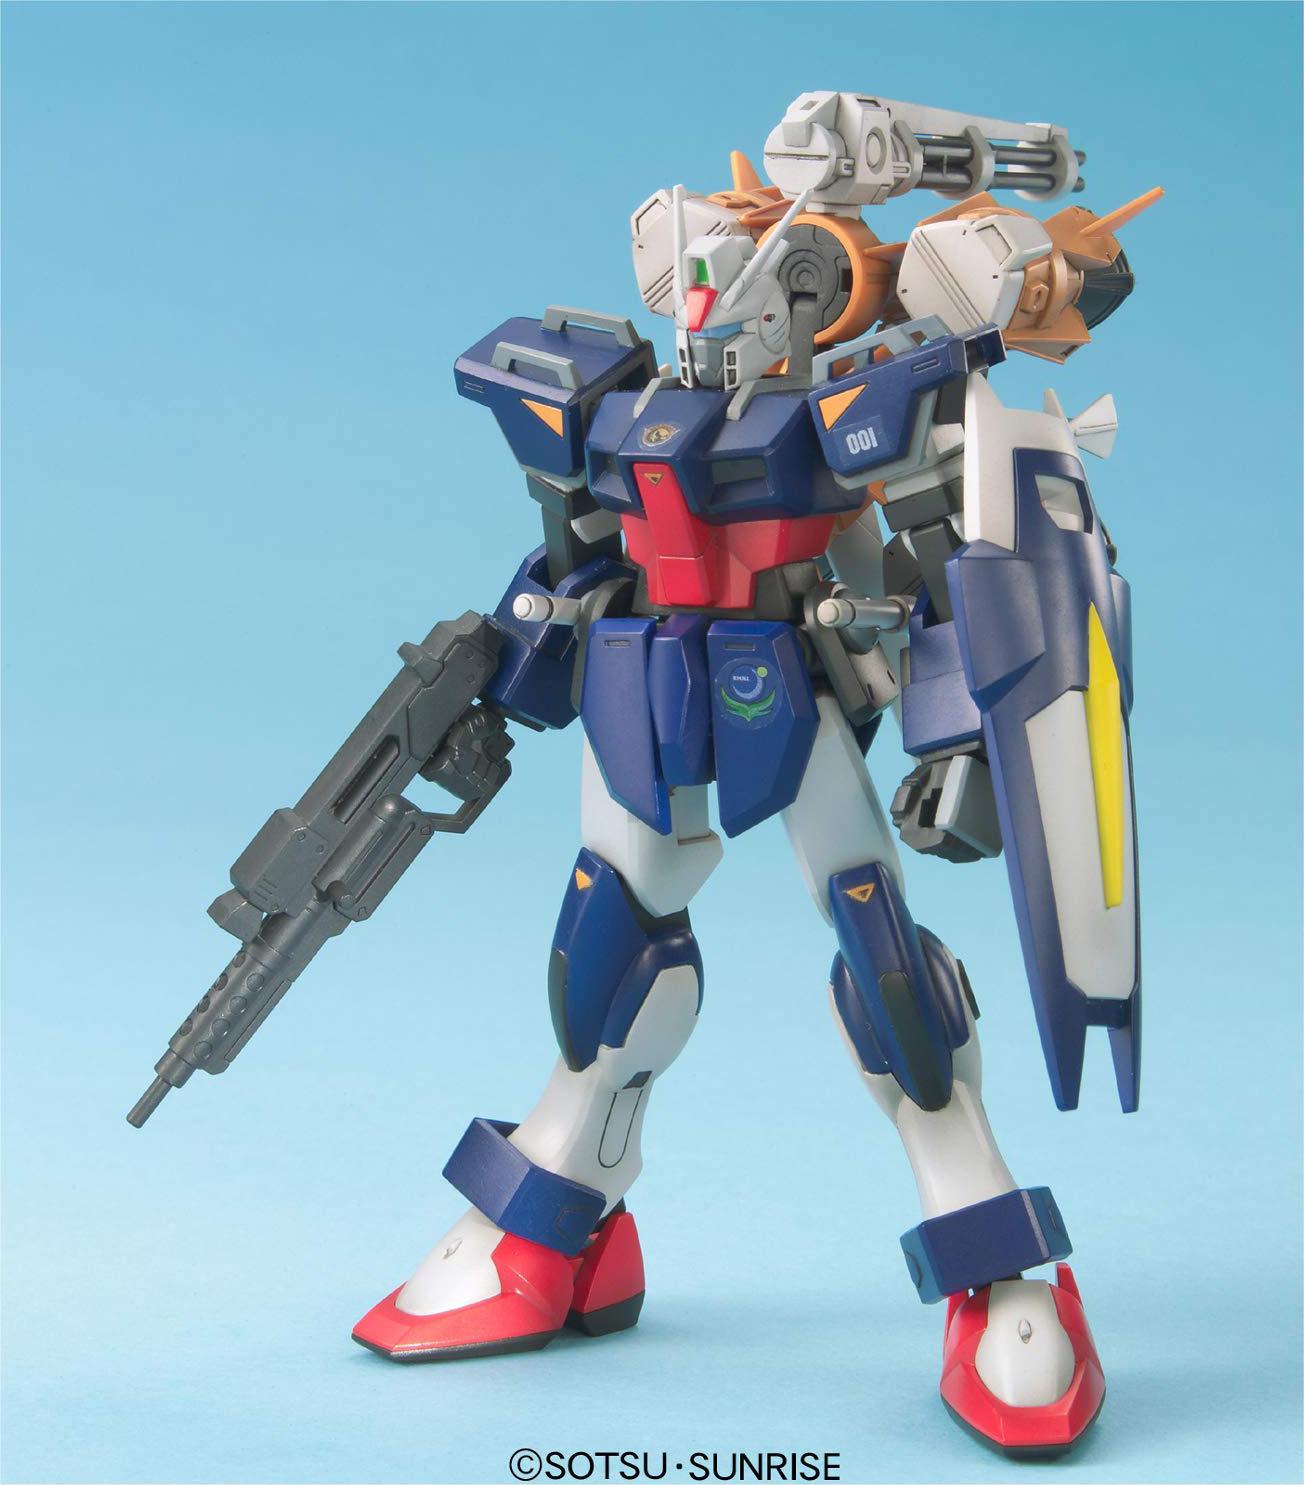 AQM/E-X04 ガンバレルストライカー [Gunbarrel Striker]